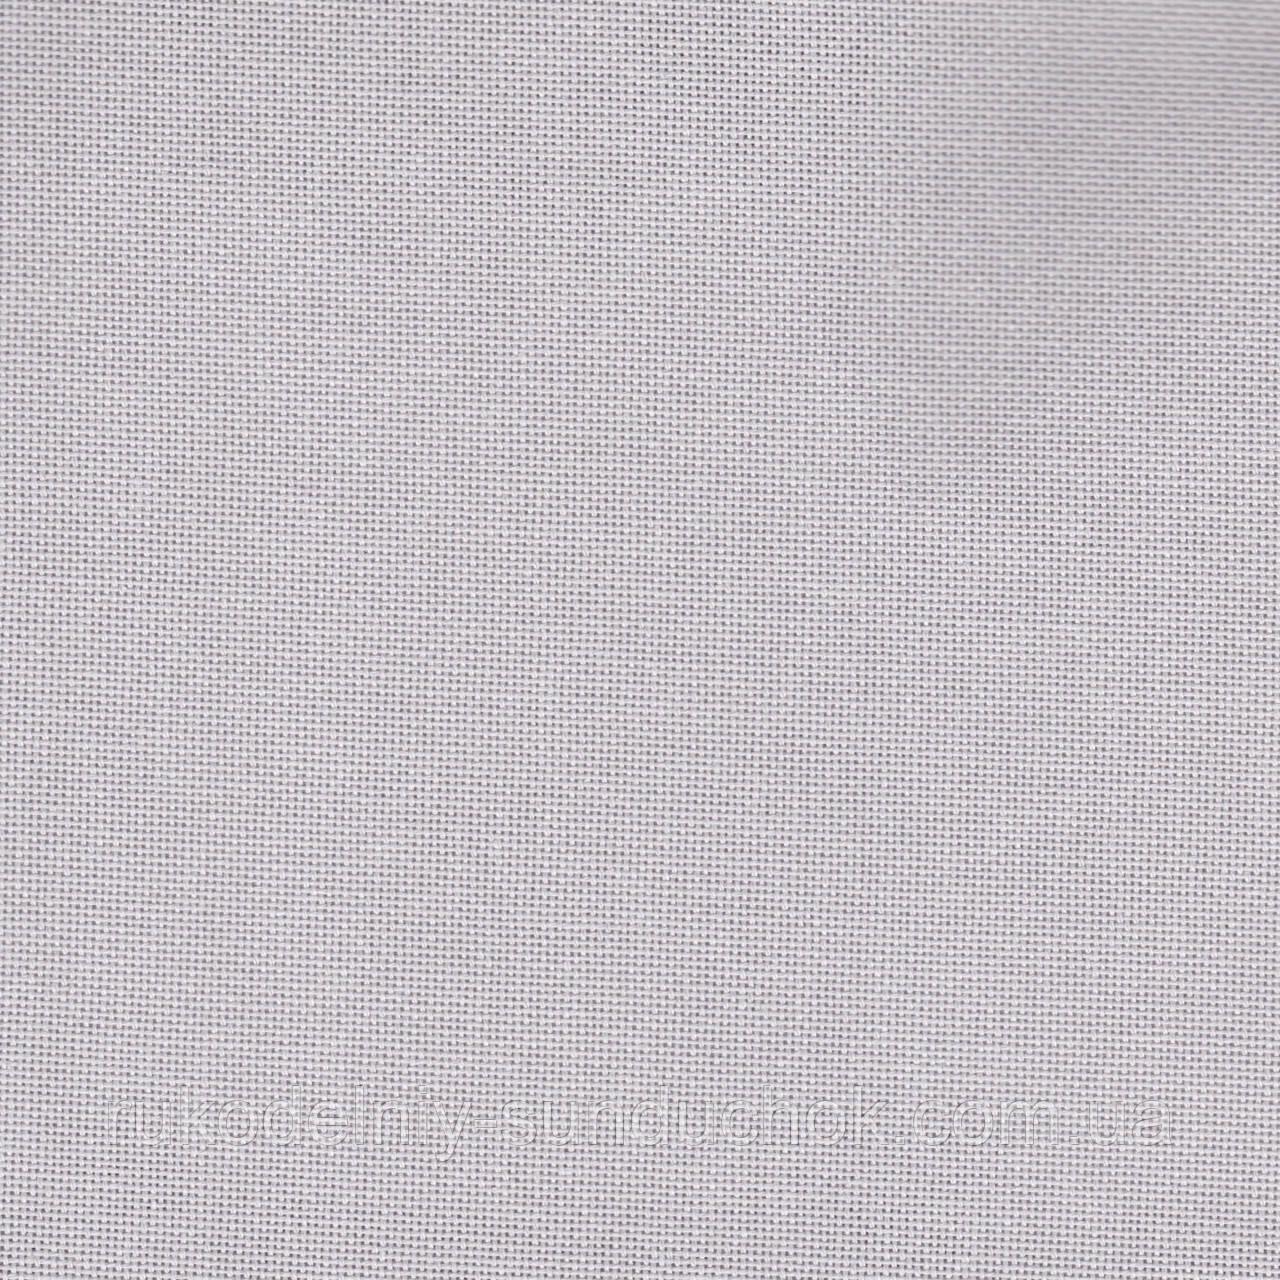 Ткань равномерного переплетения 27 ct. Linda Schulertuch Zweigart 1235/786 (пепельно-серый) Light Ash Grey